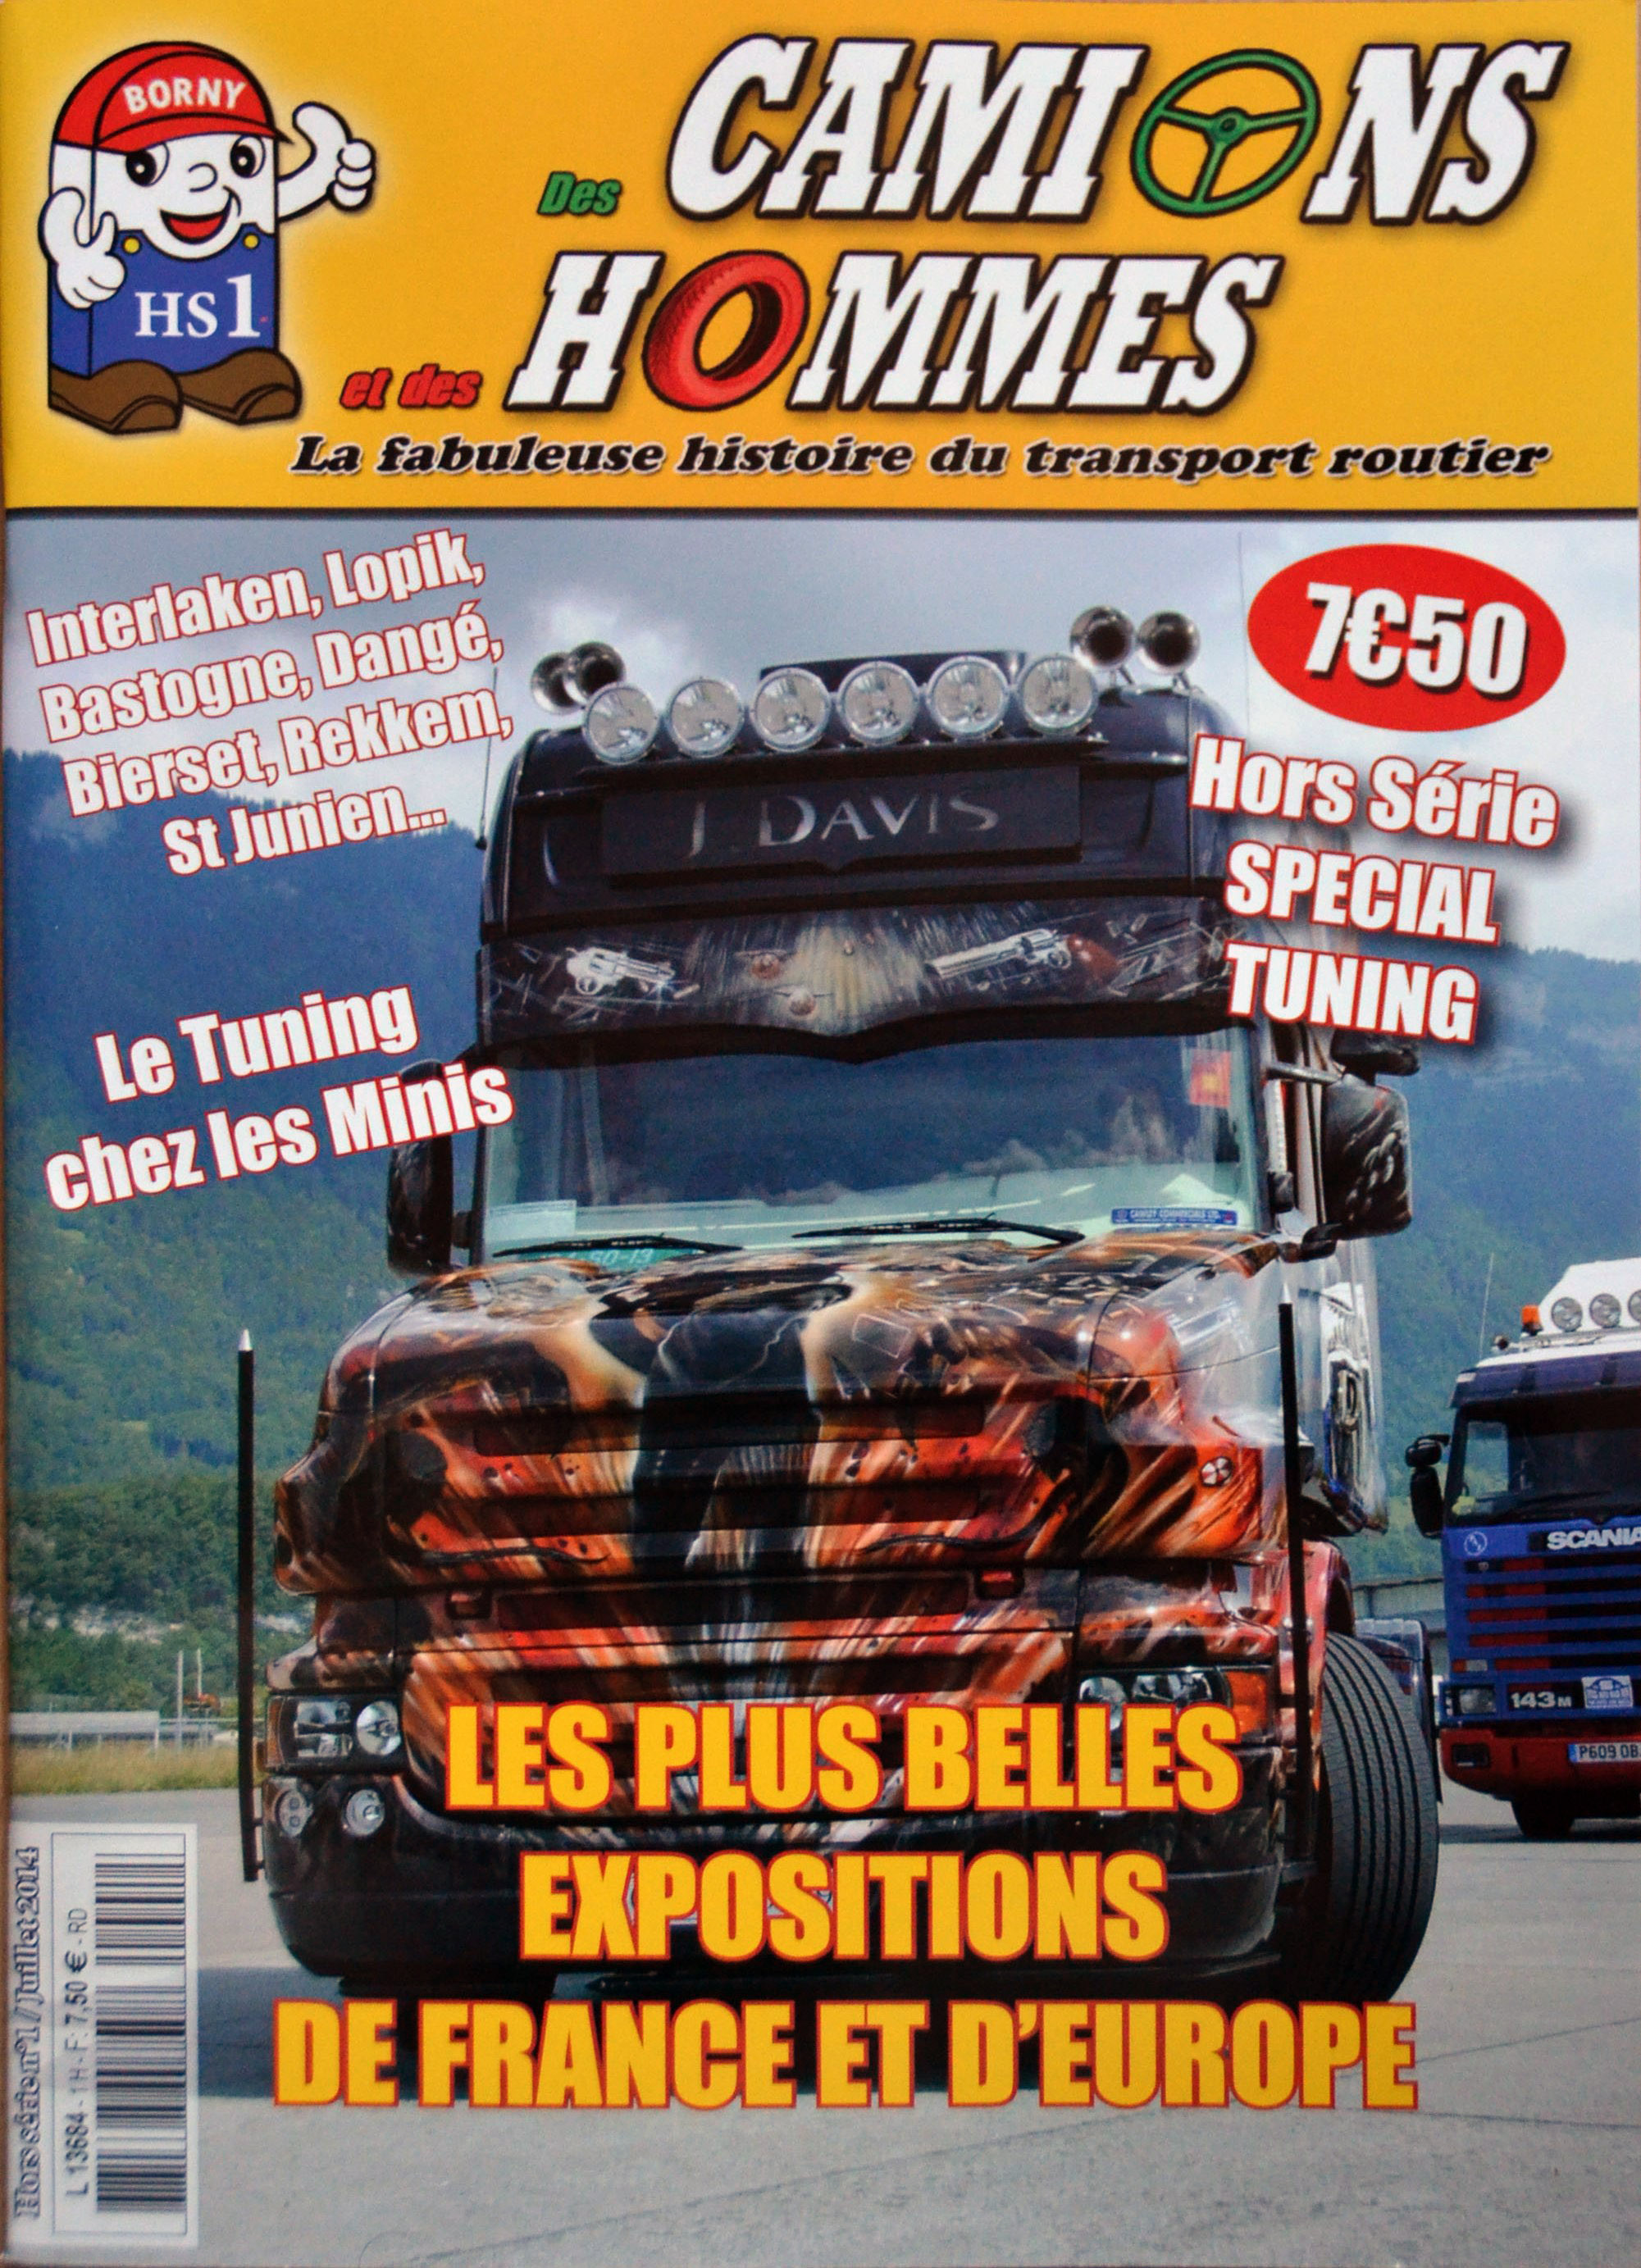 Magazine N°1 HS Des Camions et des Hommes (Etranger)